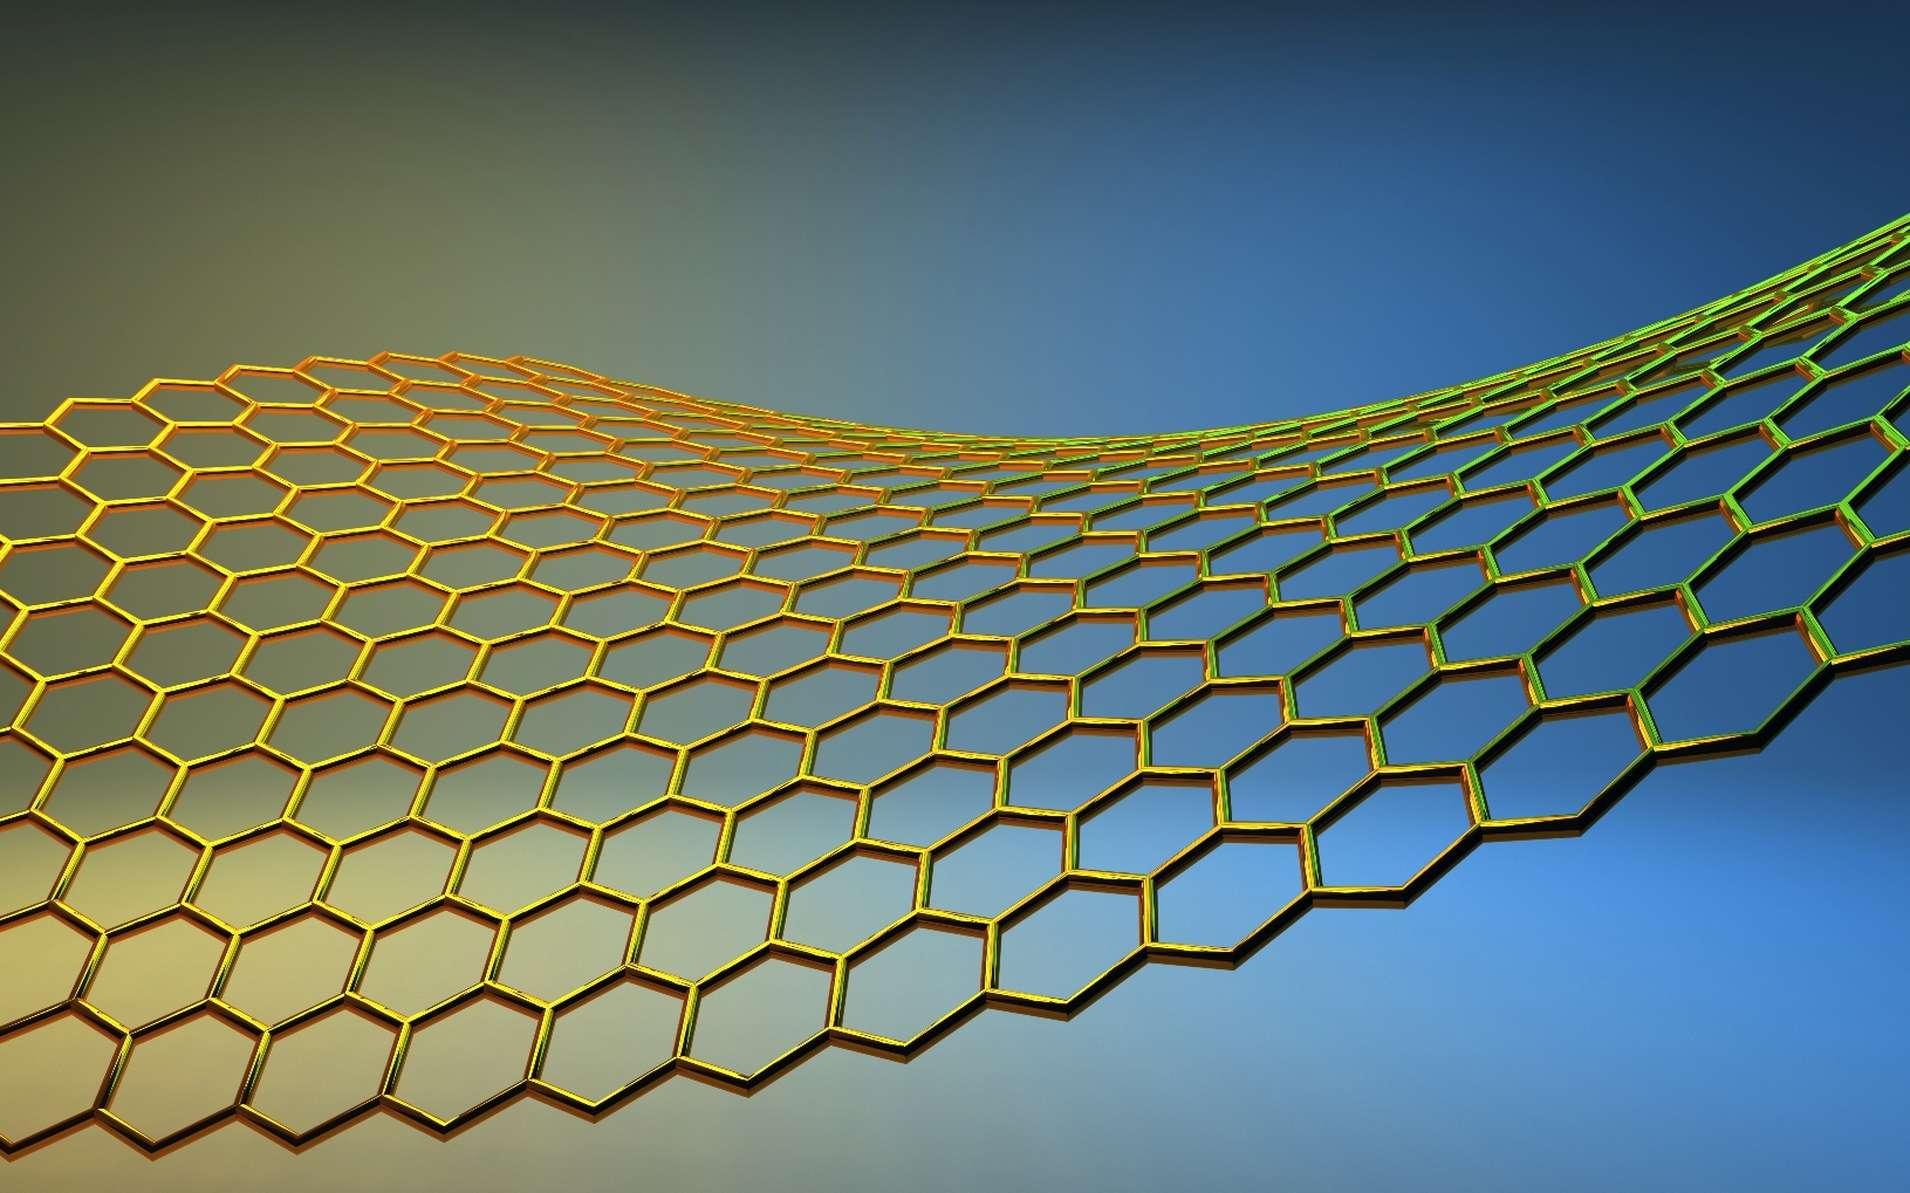 Les feuillets de graphène basiques sont constitués d'un réseau d'atomes de carbone aux sommets d'hexagones, comme le montre cette image d'artiste. D'autres feuillets avec des atomes et des arrangements différents sont aussi considérés dans les recherches sur les nouveaux matériaux. © Shilova Ekaterina, shutterstock